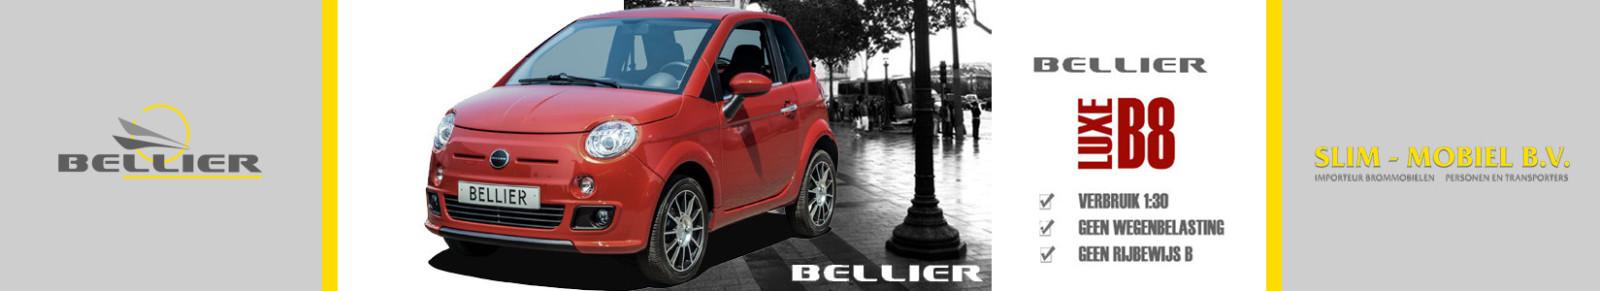 Bellier B8 Luxe